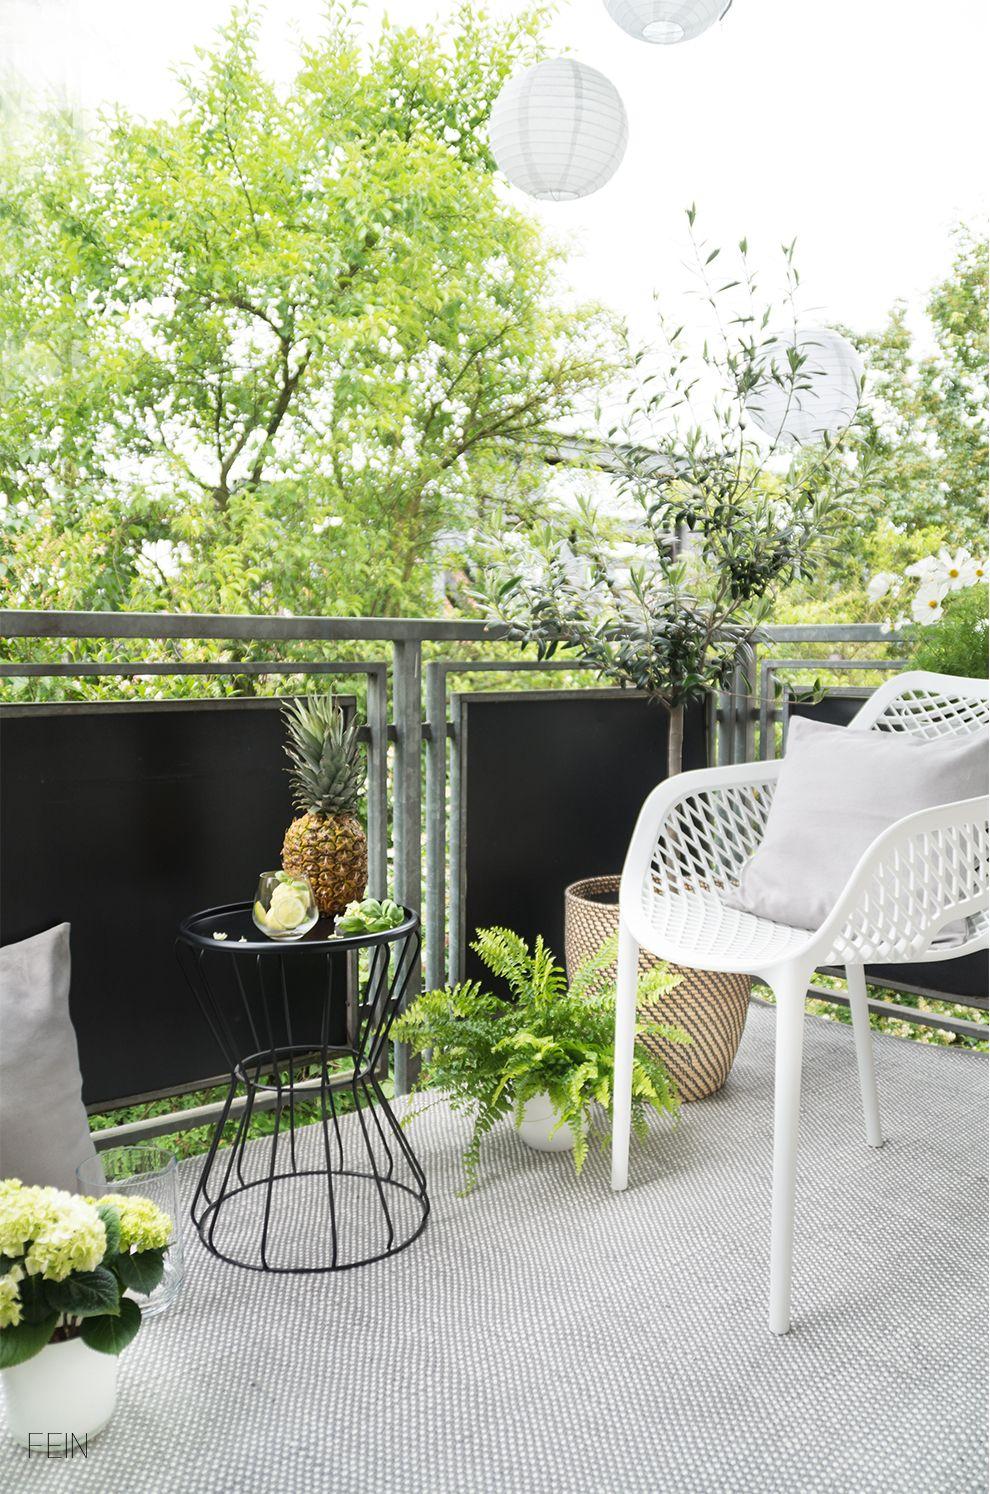 Sommer Auf Dem Balkon Mit Leckeren Abkuhlungen Balkon Ideen Interior